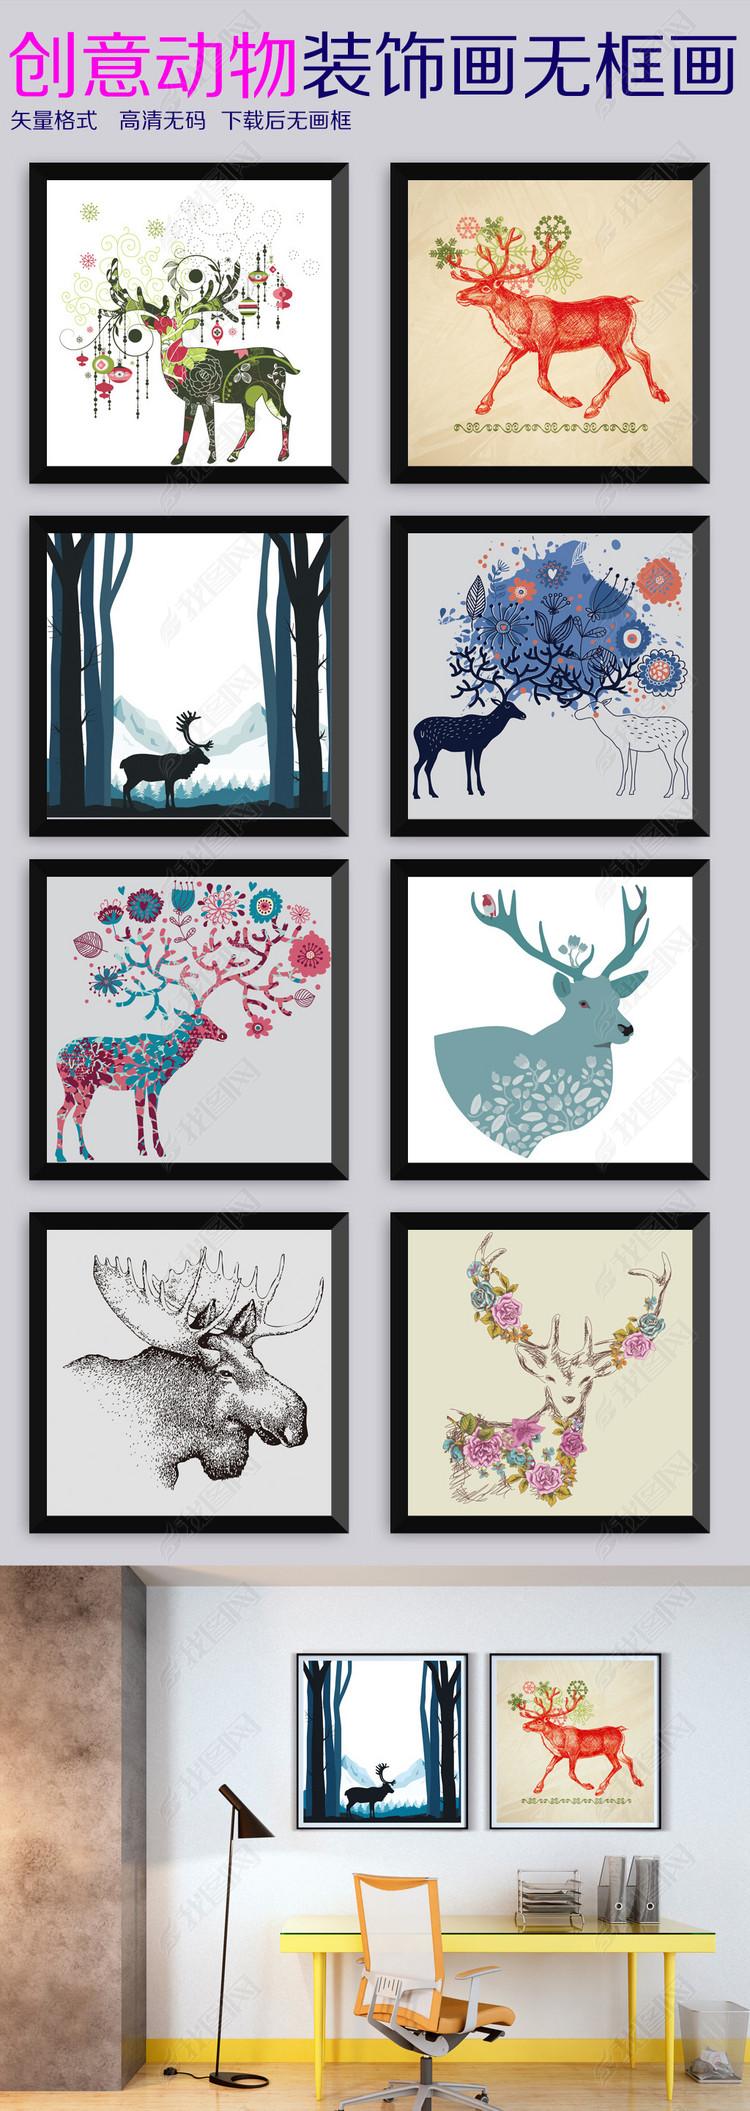 美克美家简约北欧美式抽象动物清新装饰画